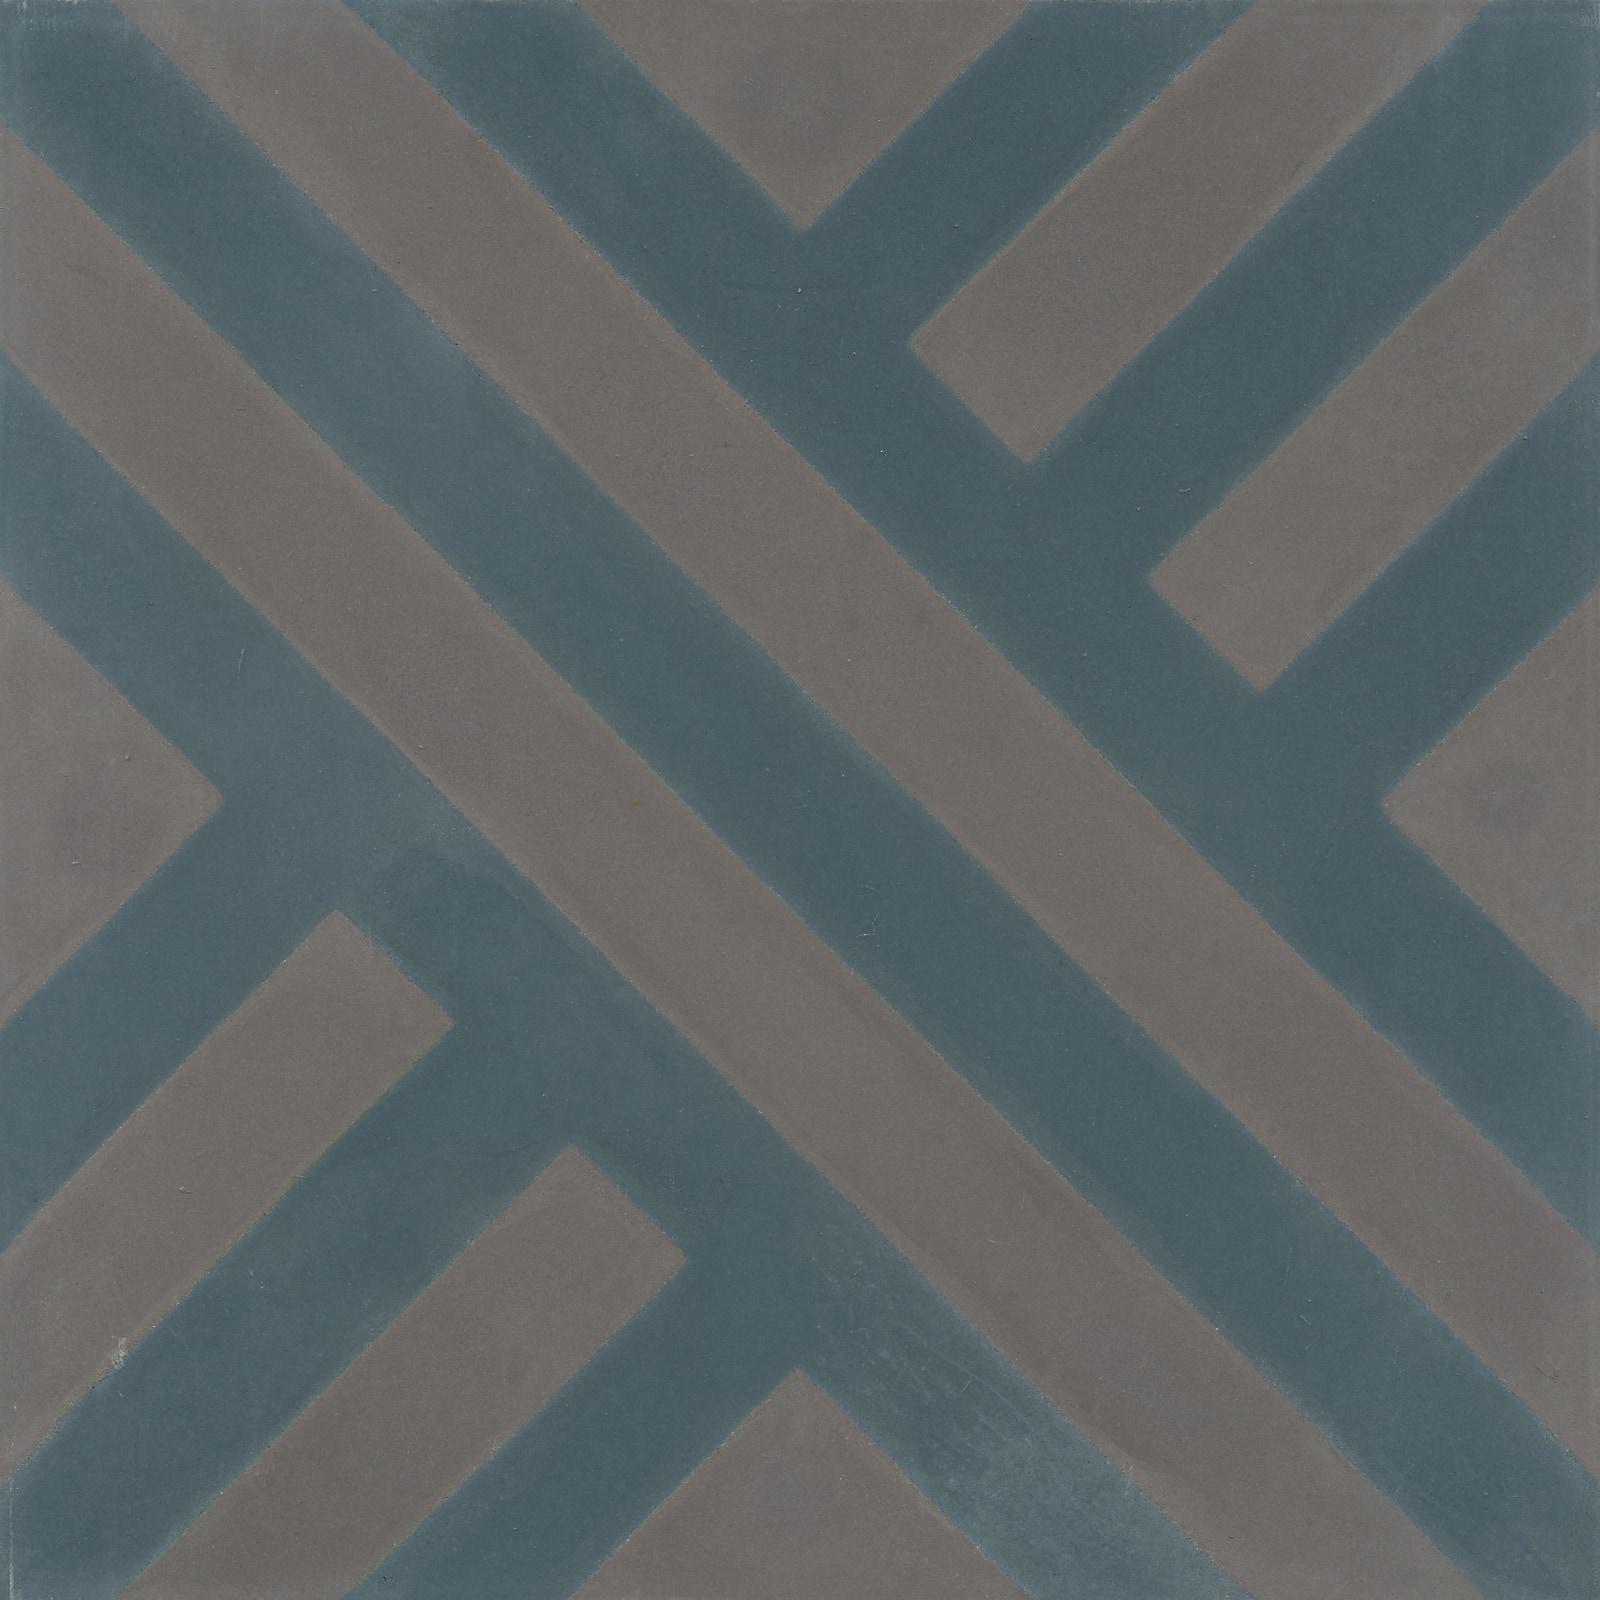 zementmosaikfliesen-nr.1484461-viaplatten | 1484461